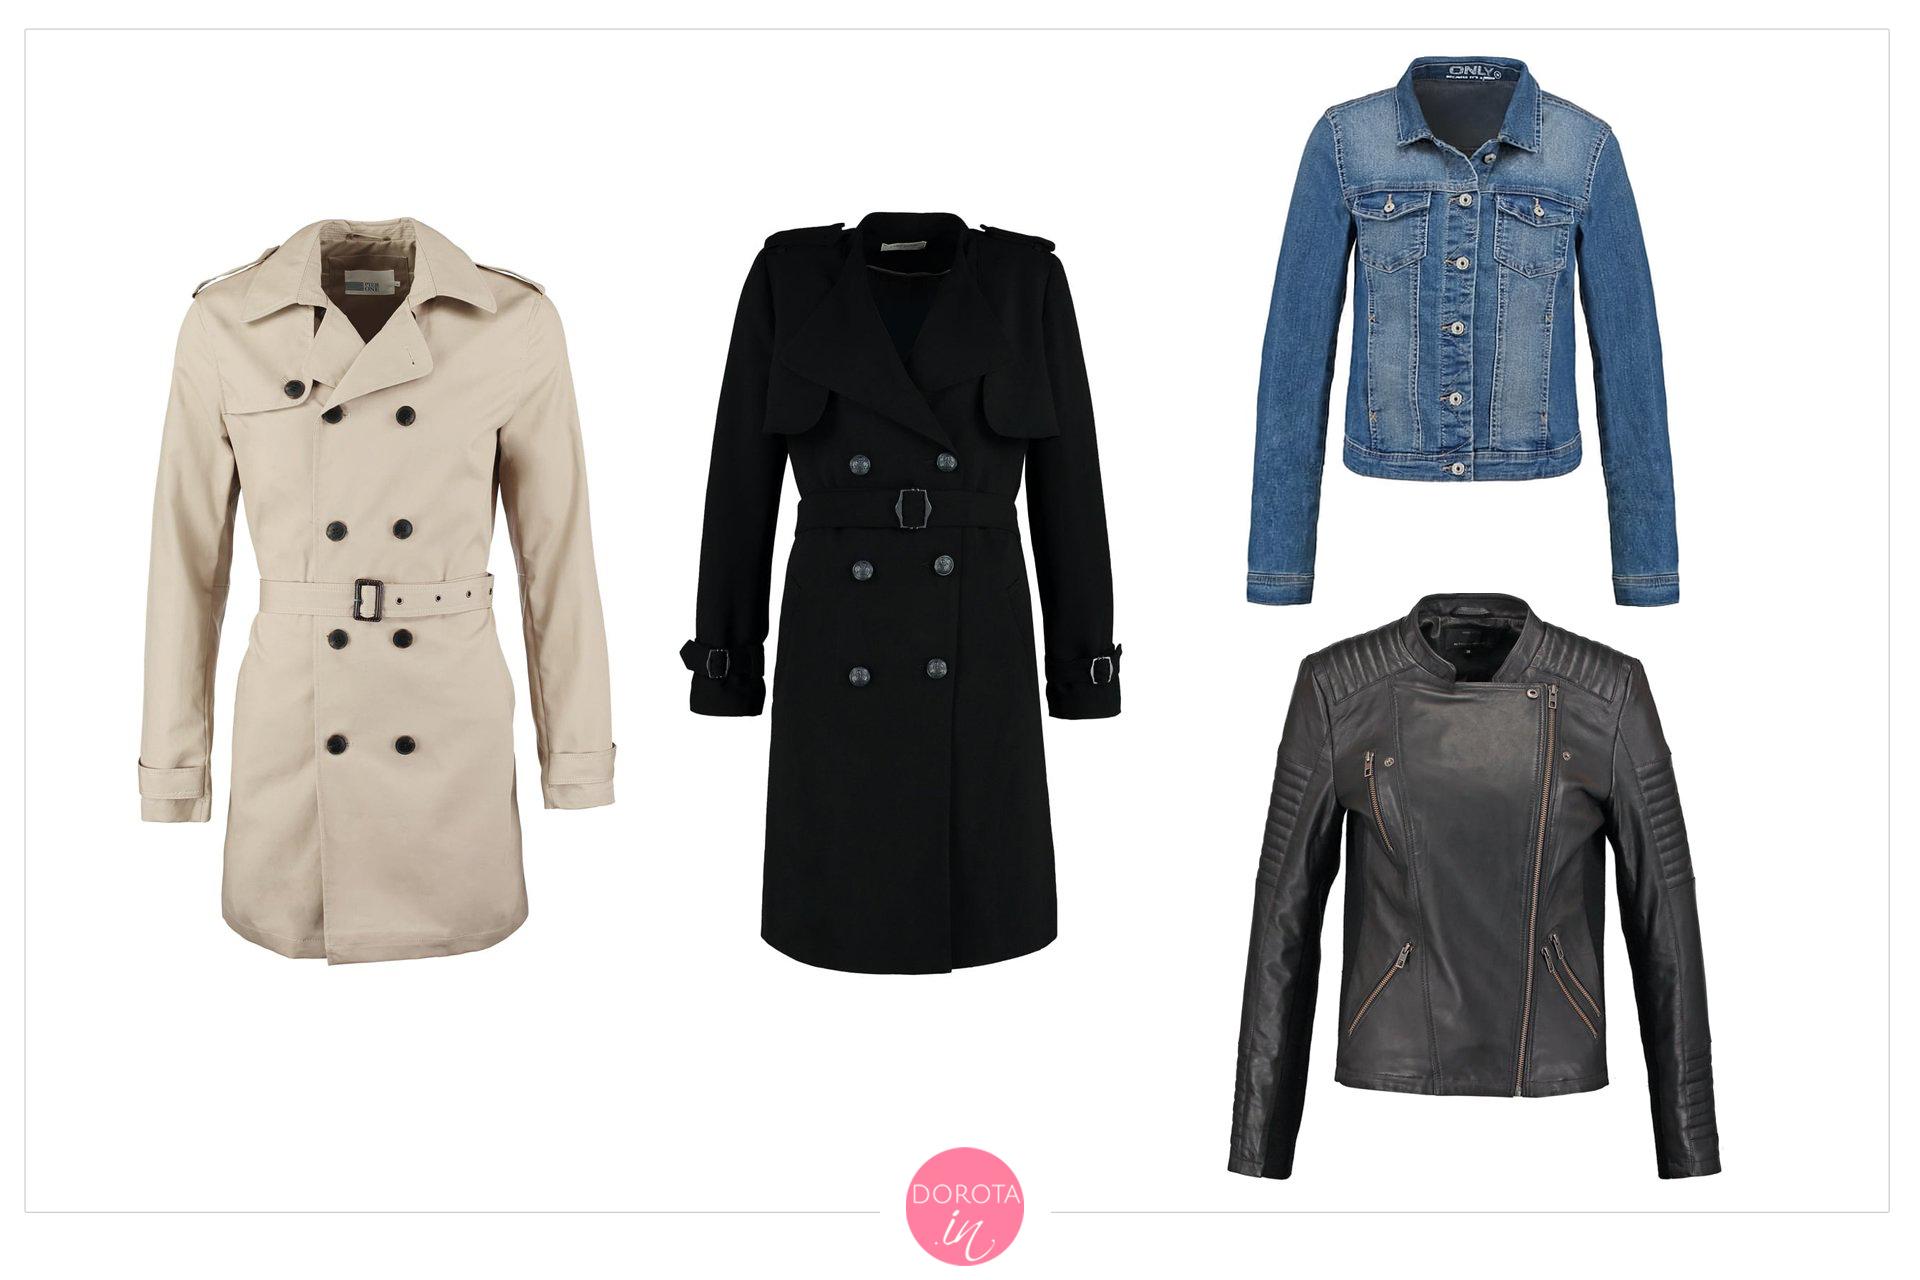 Płaszcze i kurtki na wiosnę